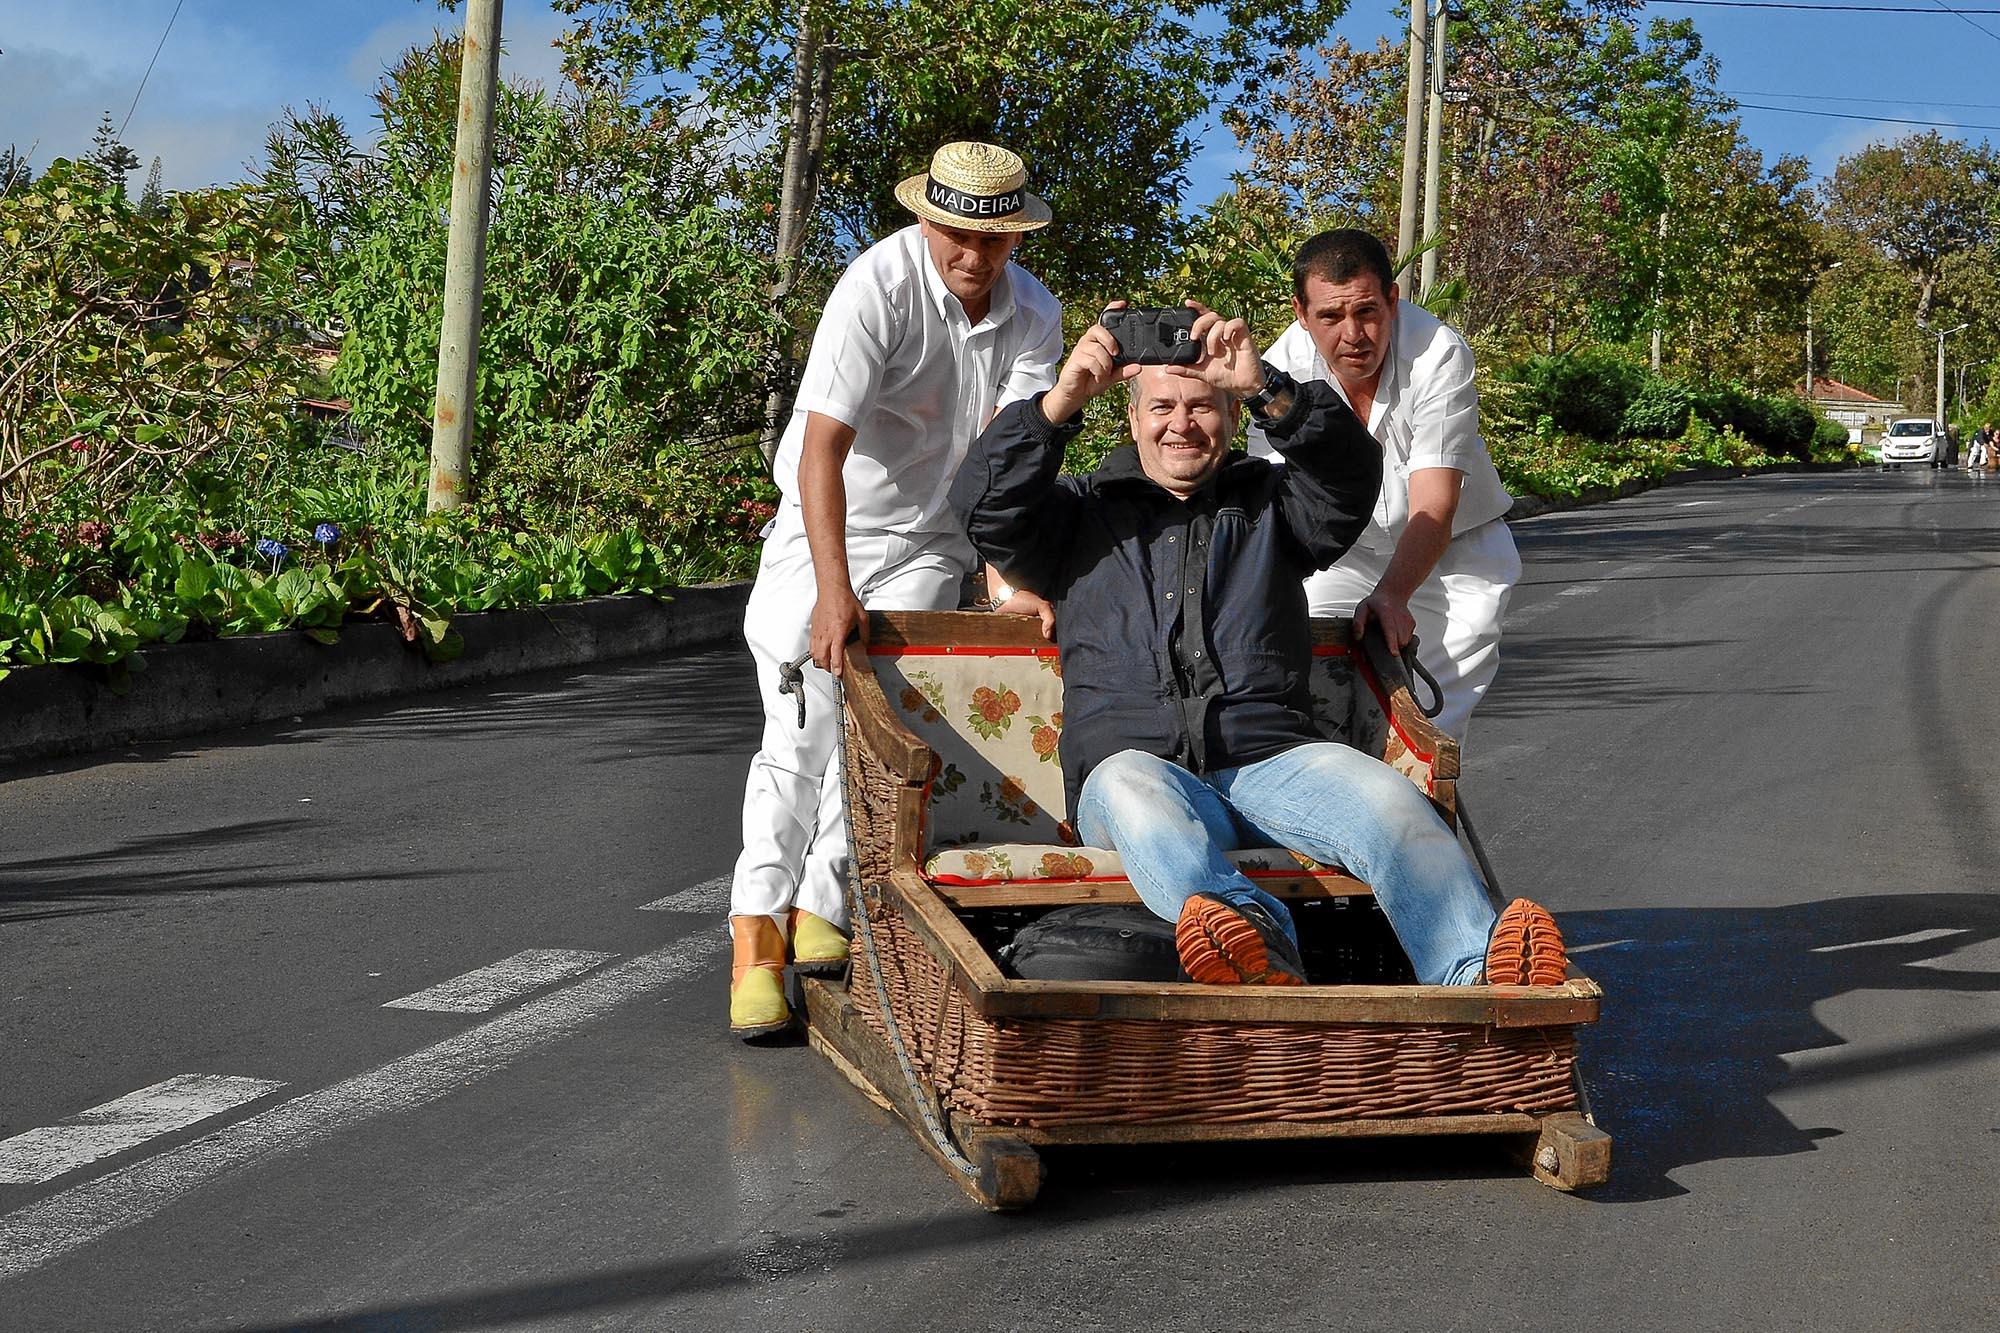 Dancho's toboggan ride